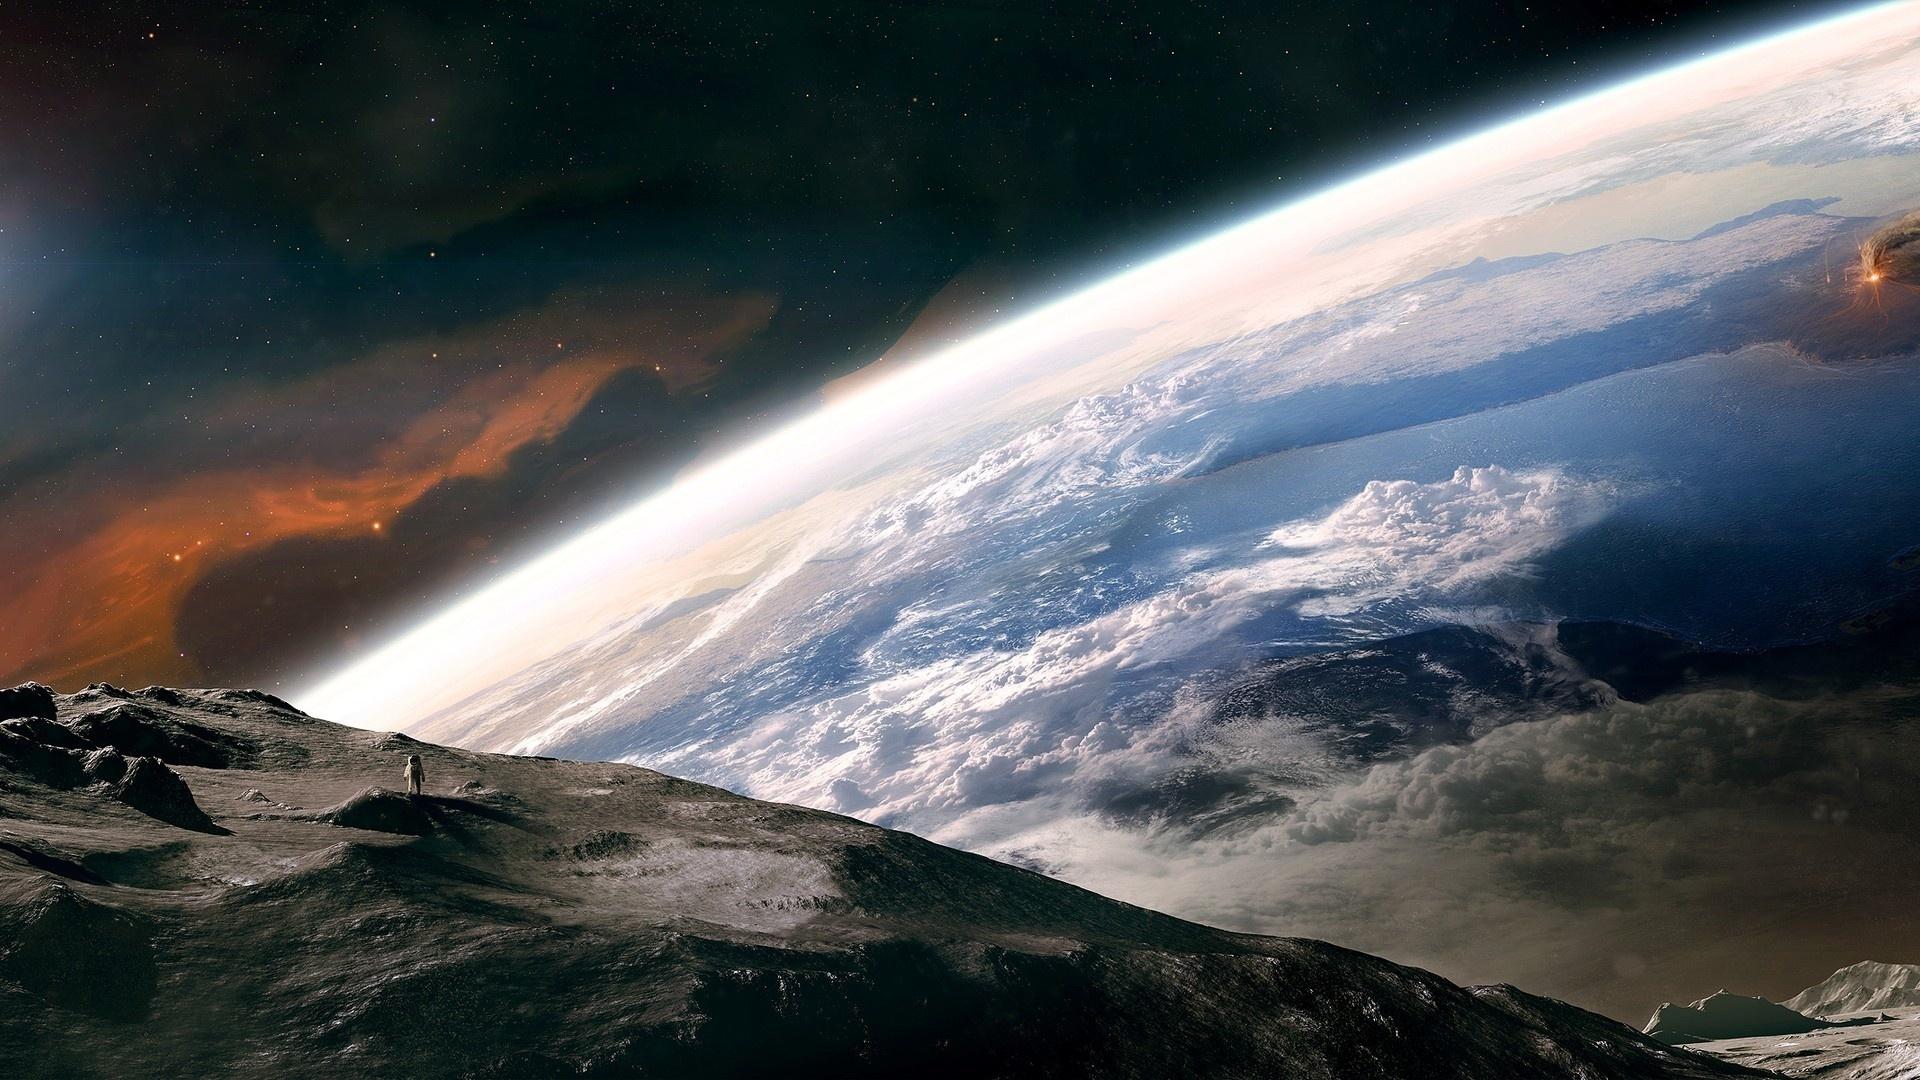 免费下载宇宙, 景观手机壁纸。